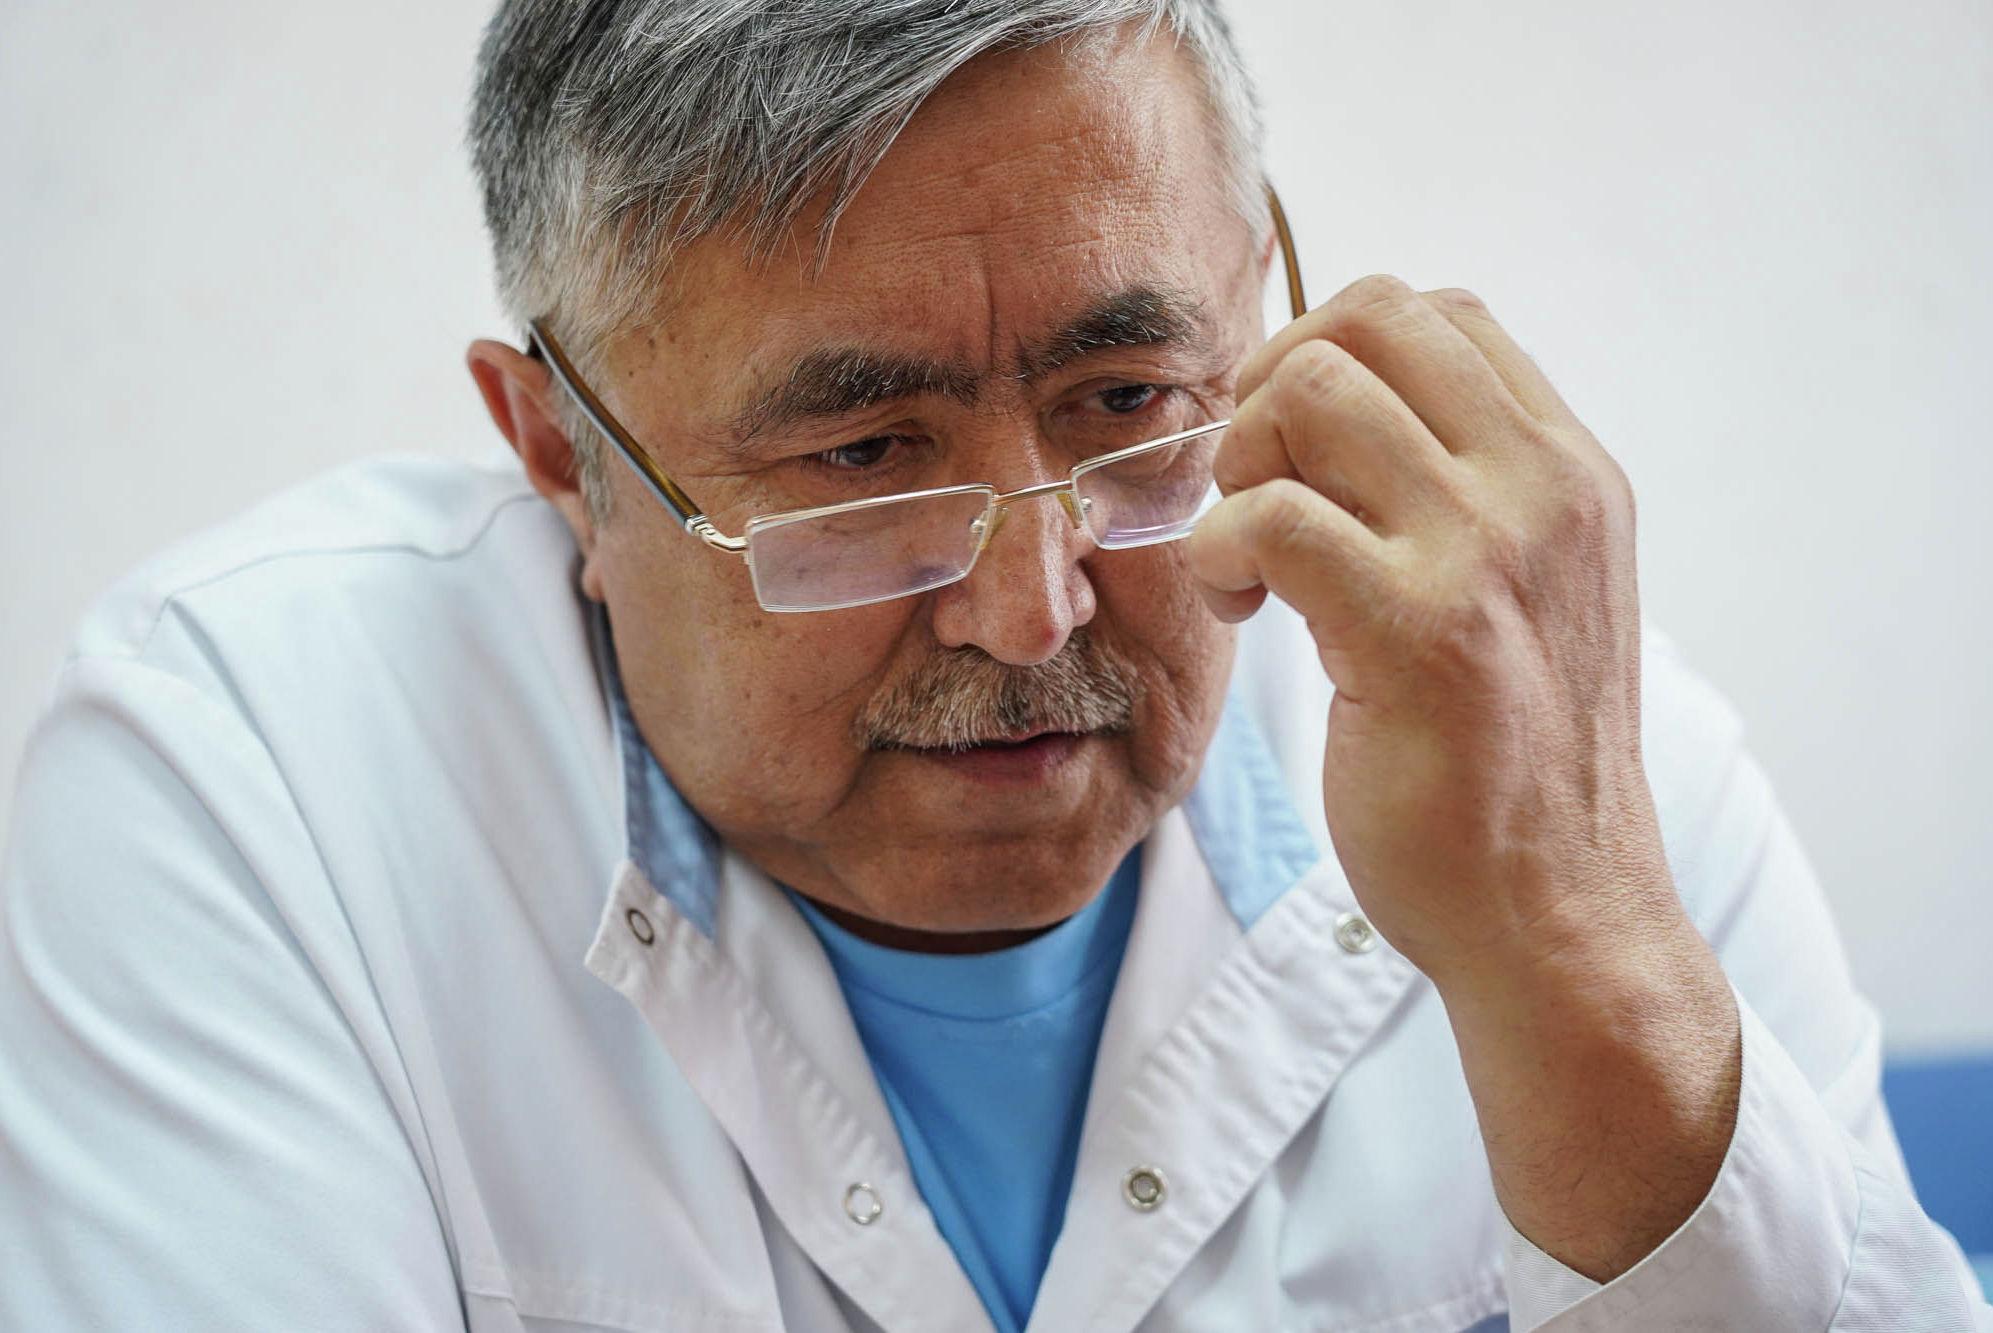 Наркология және психотерапия орталығының тәжірибелі наркологы Тоқтар Қойшыбеков